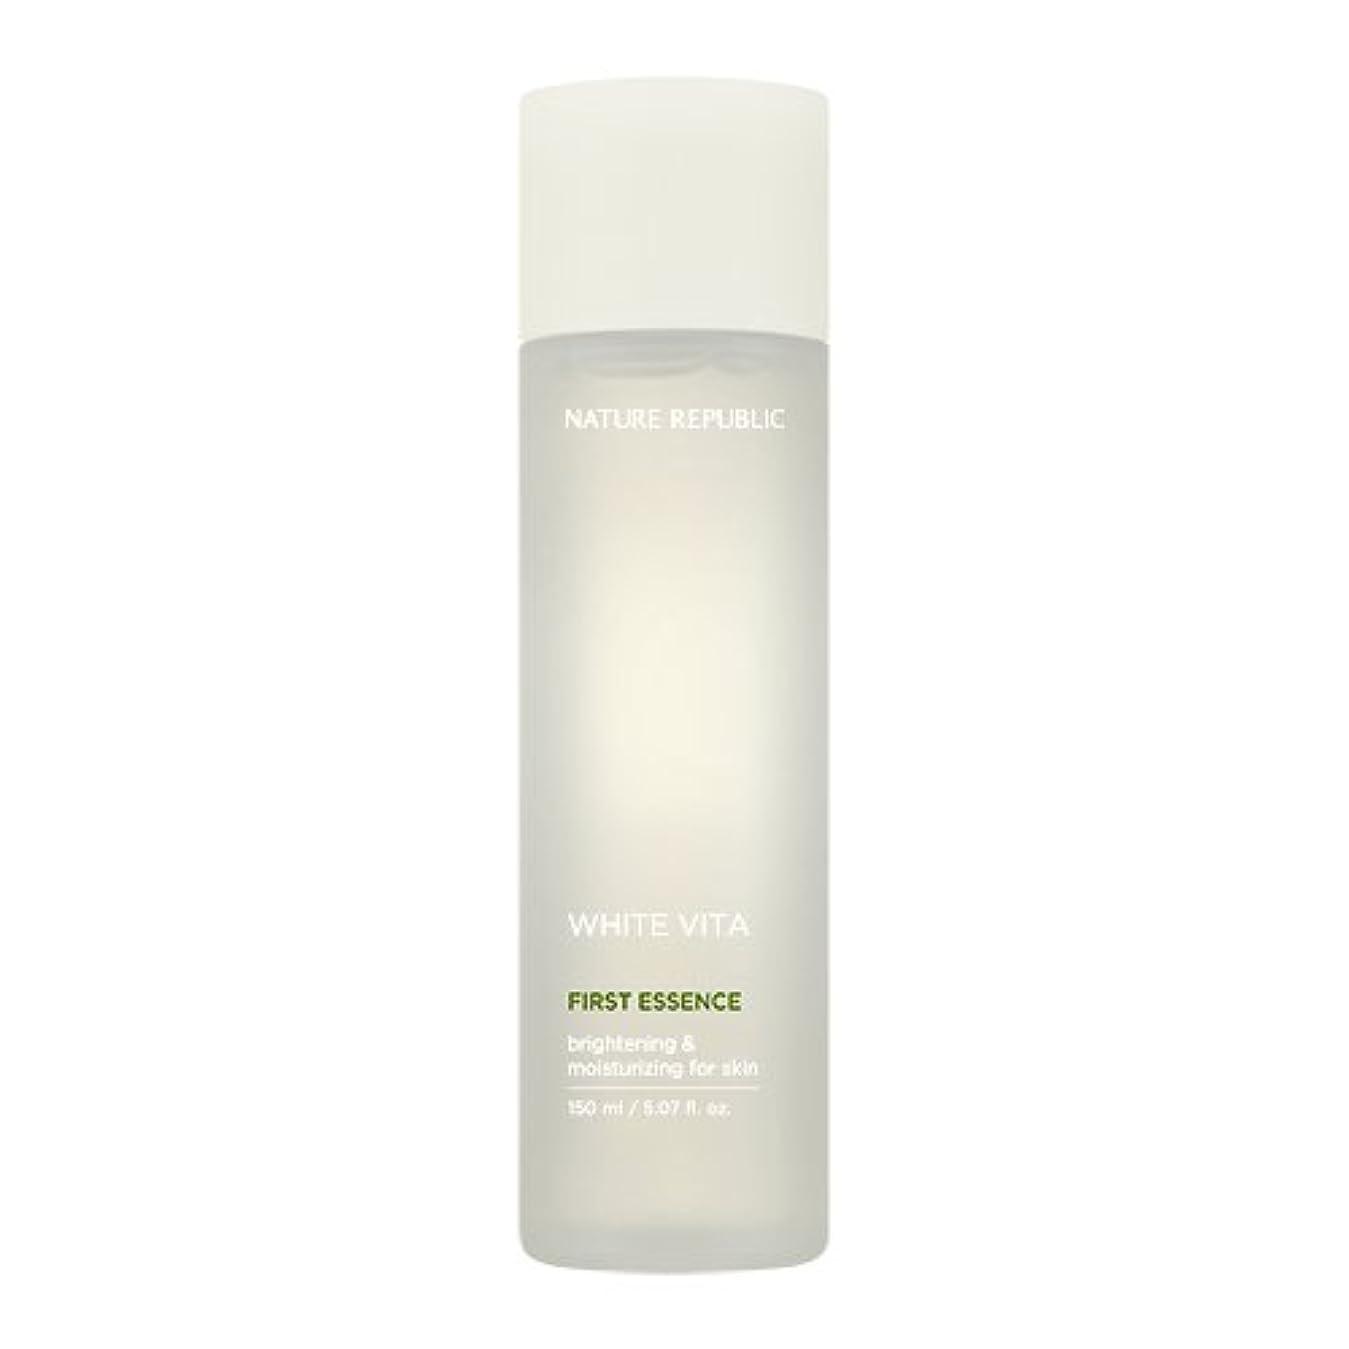 砂衛星エジプト人[Renewal] NATURE REPUBLIC White Vita Floral Capsule Essence / ネイチャーリパブリック ホワイトヴィータフローラルプセルエッセンス40ml [並行輸入品]